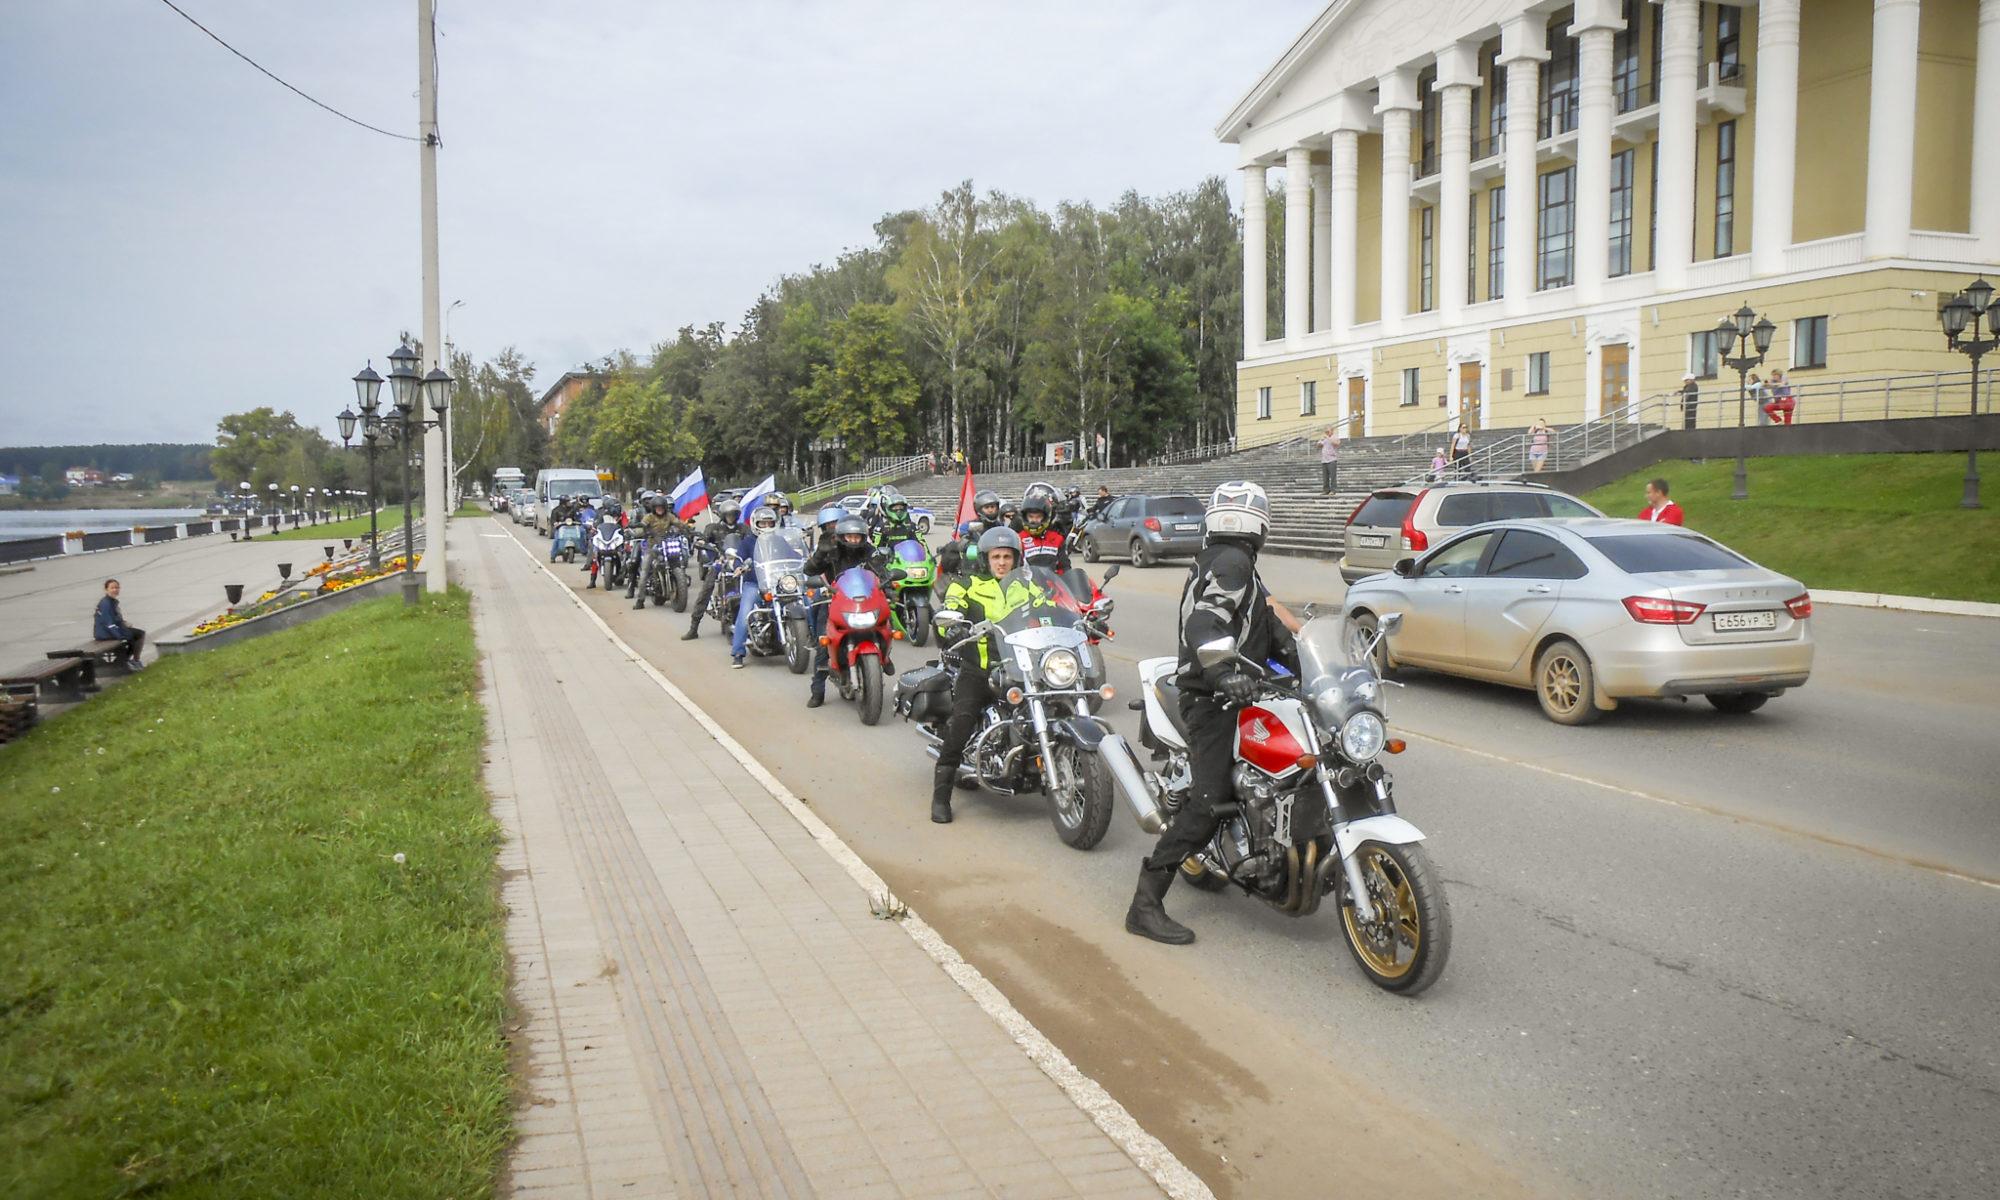 Мотопробег за безопасность мотоциклистов и ответственное отношение к безопасности участников дорожного движения